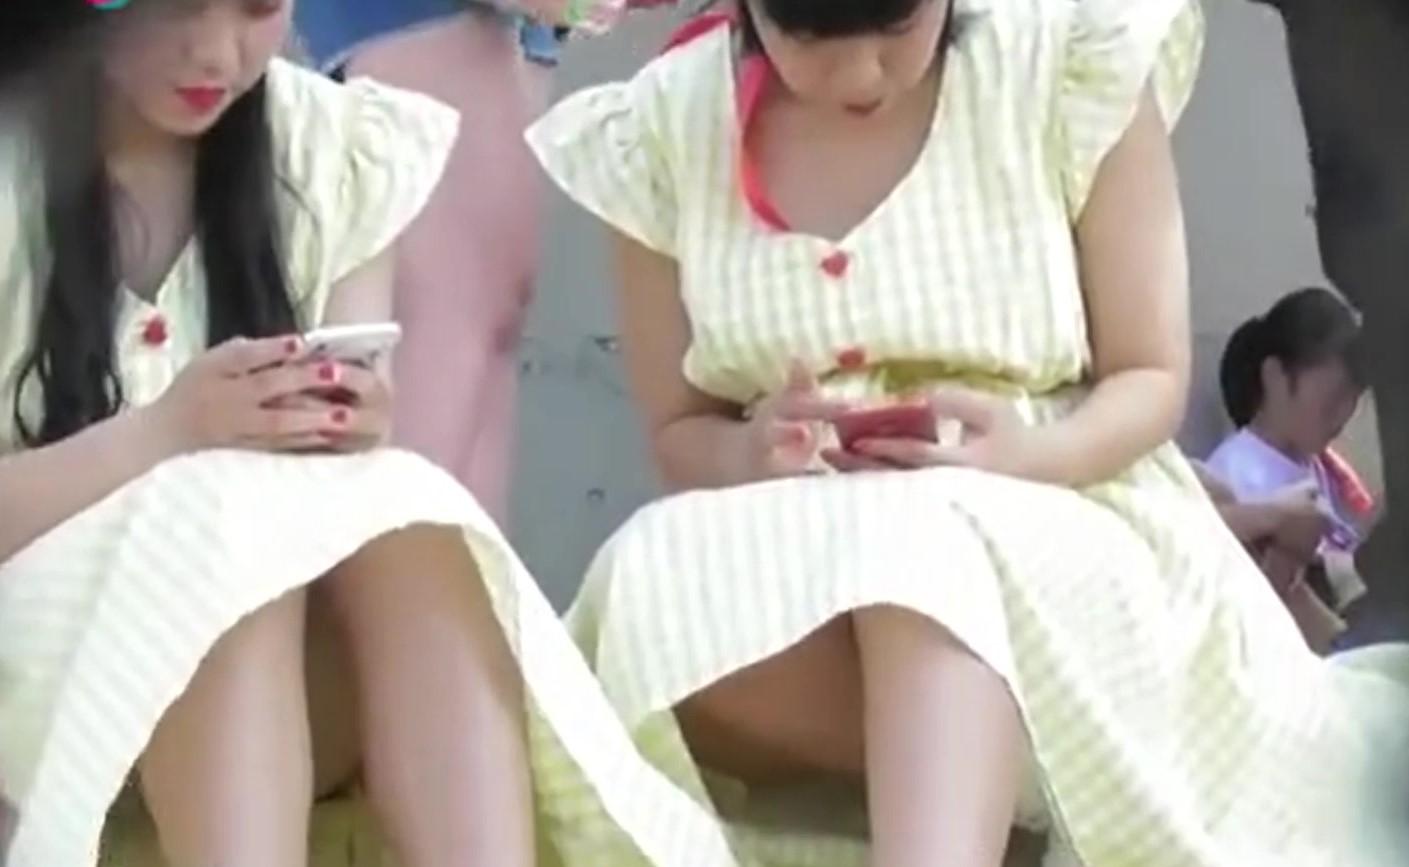 【パンチラ盗撮】美人姉妹がお揃いのワンピで行列待ちしてたら風のイタズラで・・・。